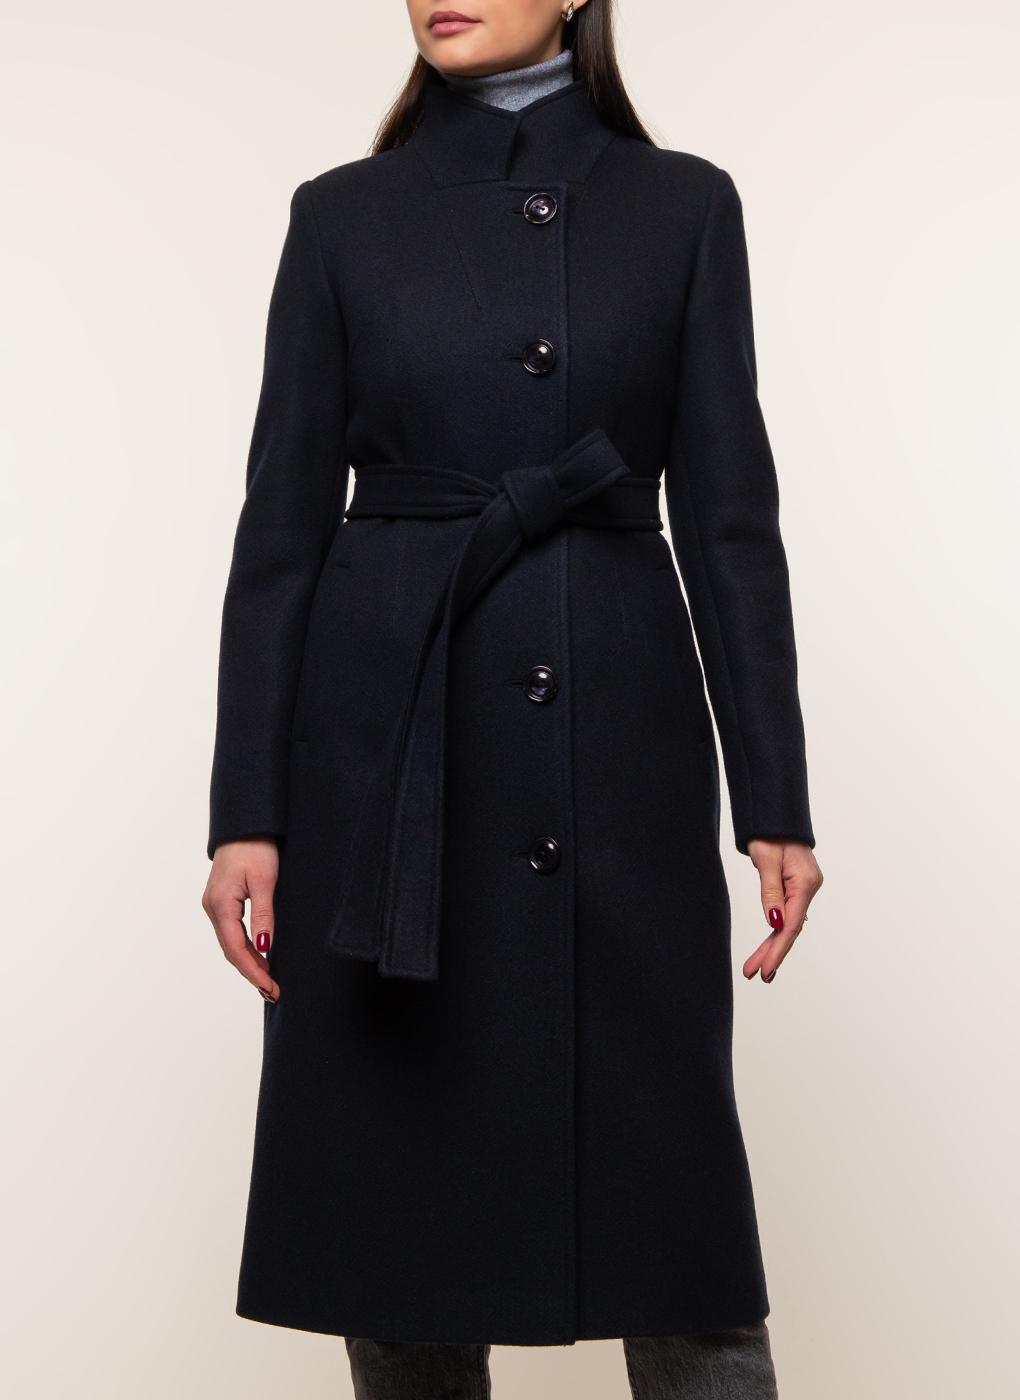 Пальто полушерстяное 70, Crosario фото